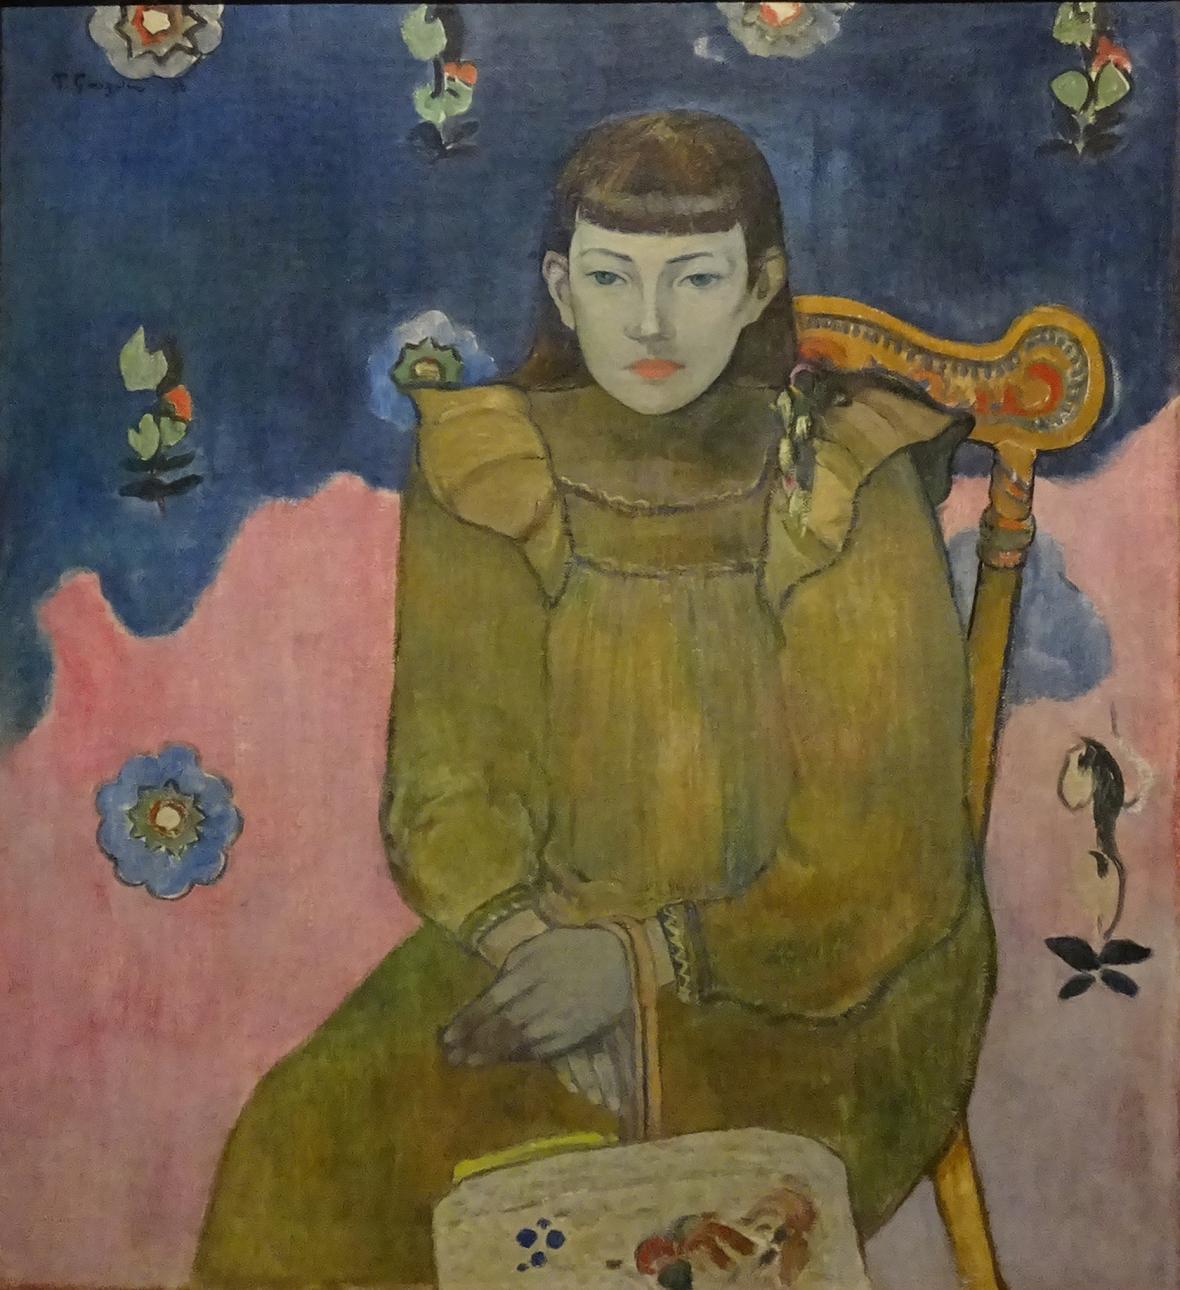 Paul Gauguin / Portrét mladé ženy, Vaïte (Jeanne) Goupil, 1896